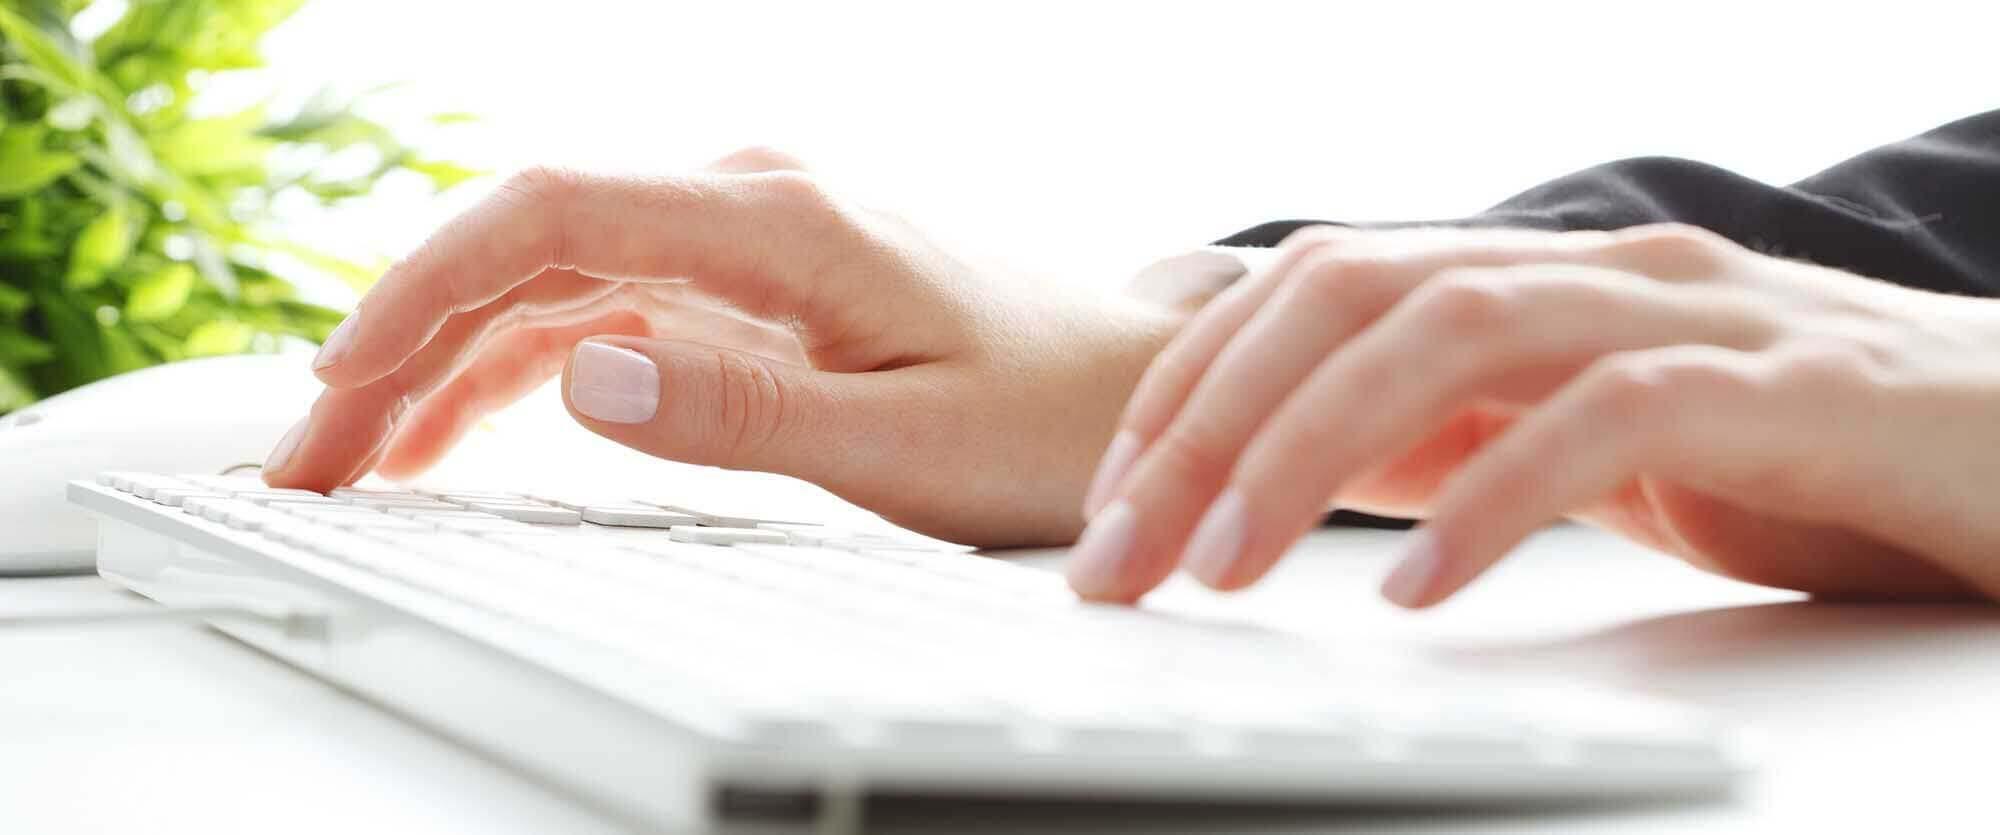 Три вопроса перед созданием блога